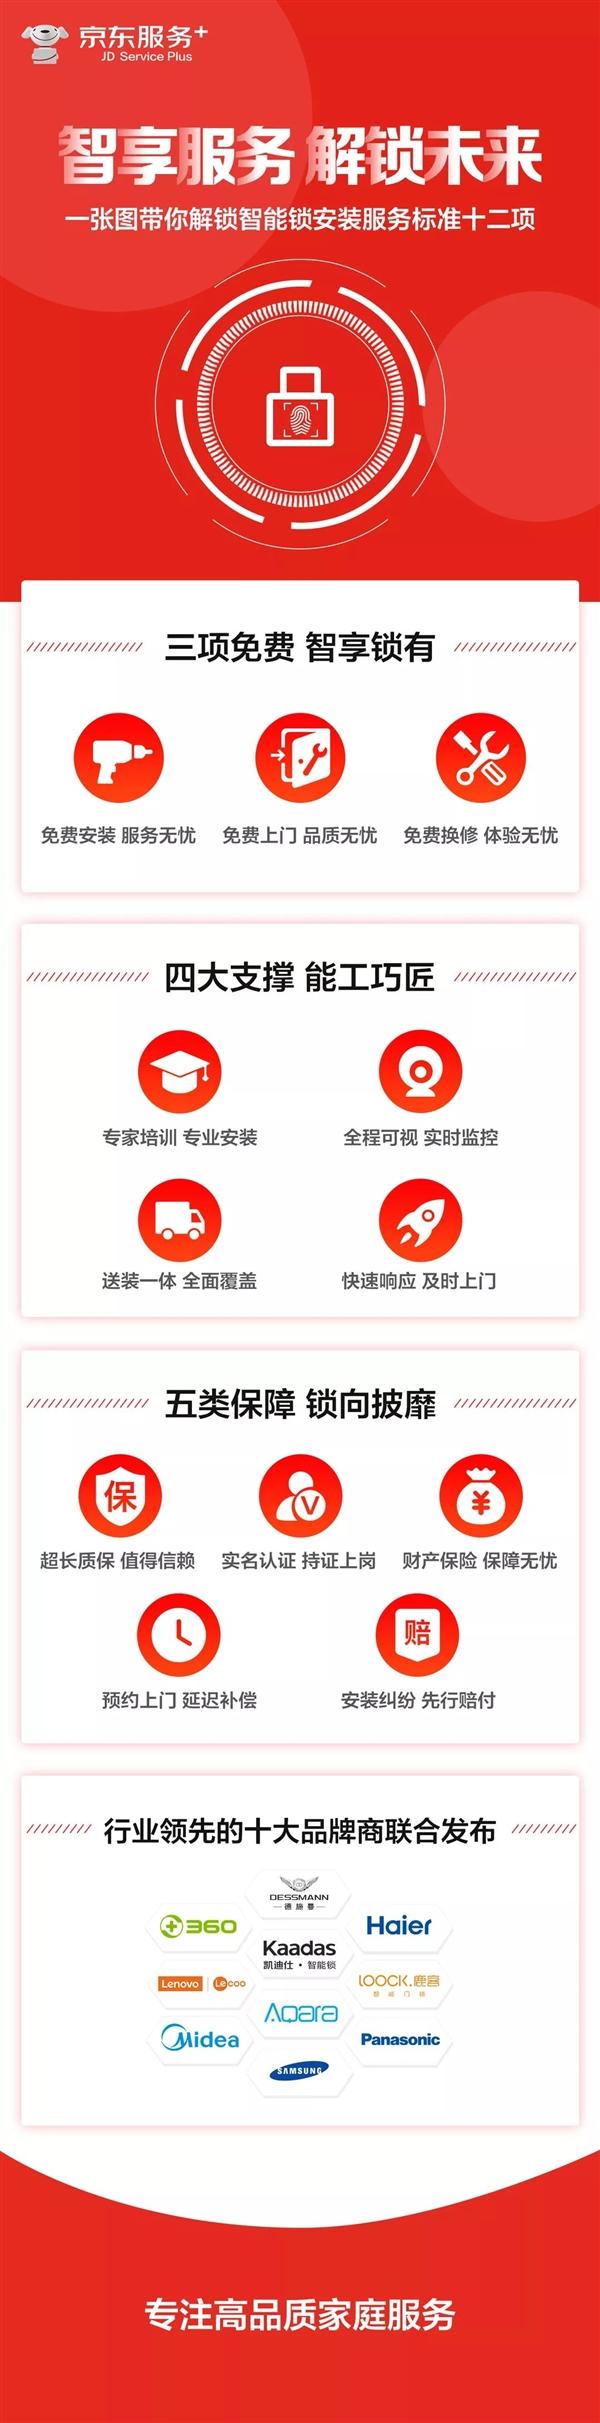 京东发布智能锁安装服务标准:3小时上门/全程不收费